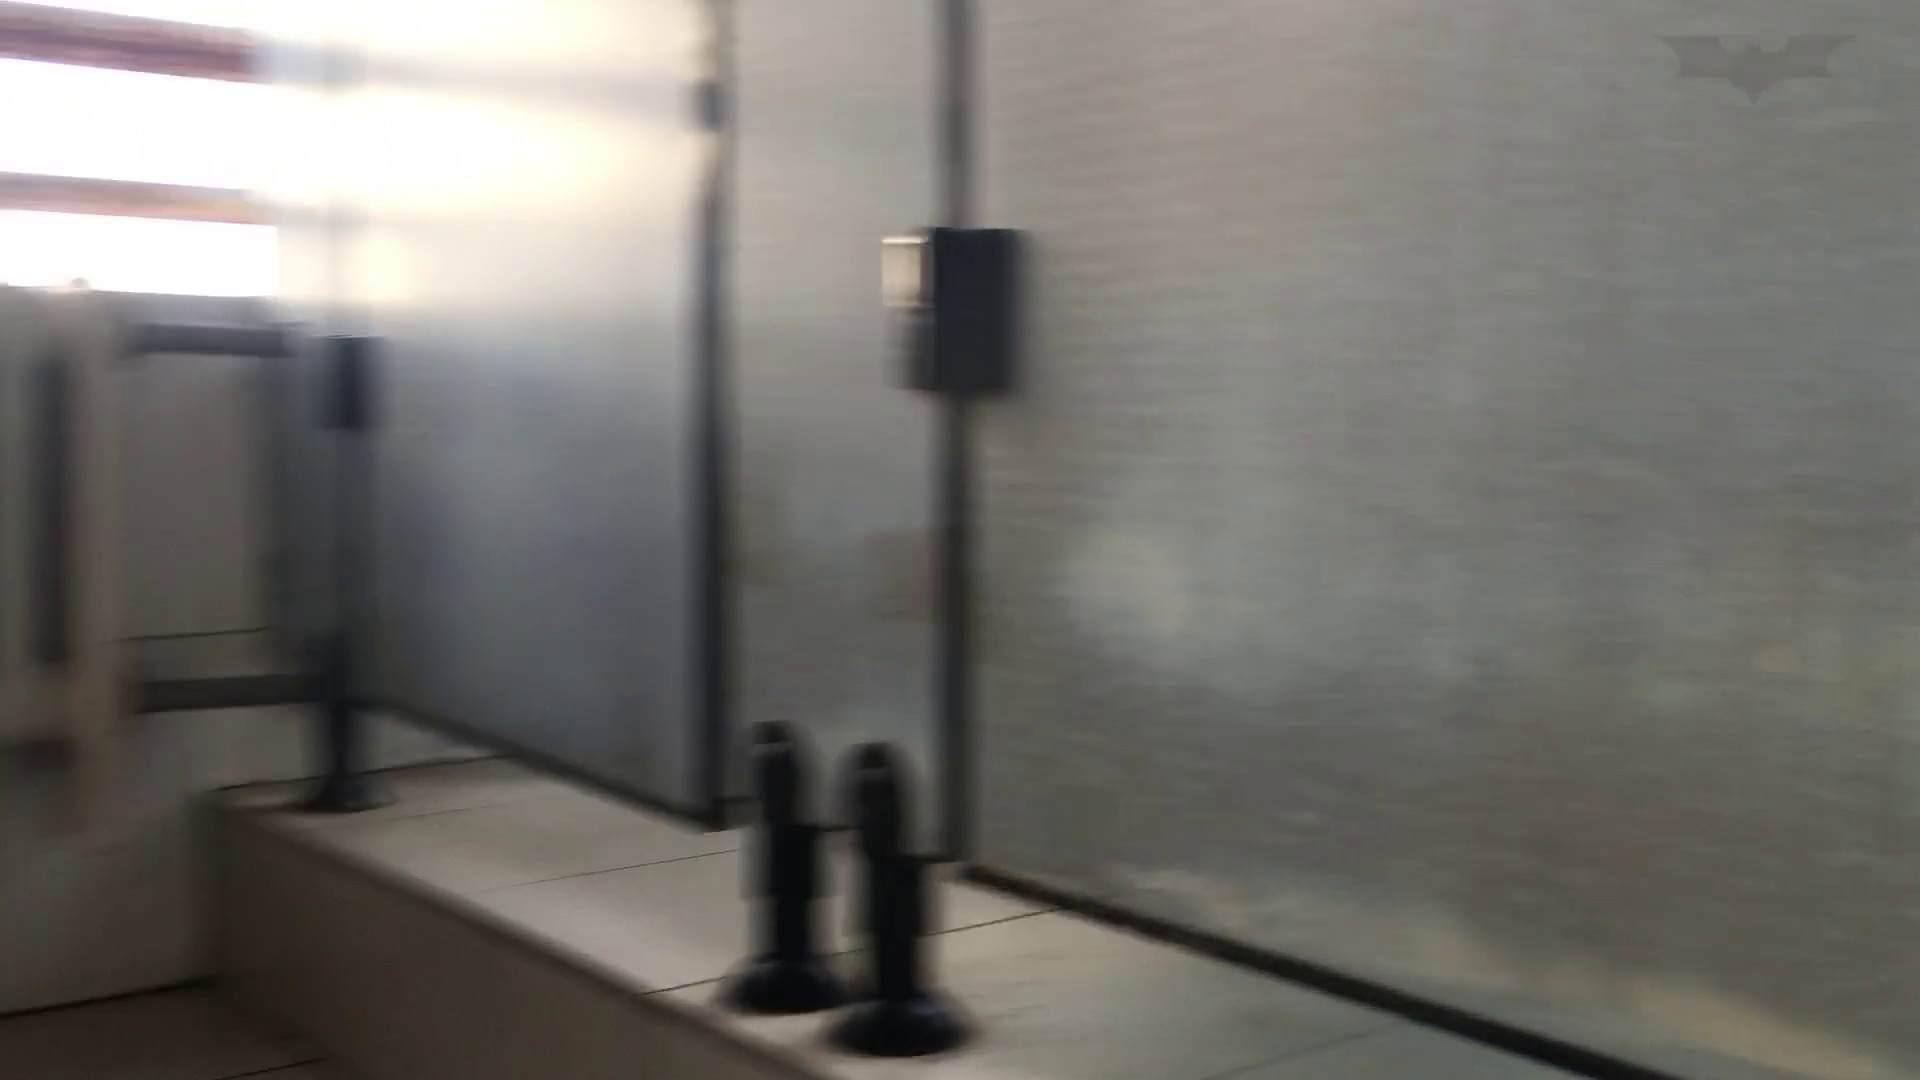 芸術大学ガチ潜入盗撮 JD盗撮 美女の洗面所の秘密 Vol.91 盗撮 | 高画質  97画像 4